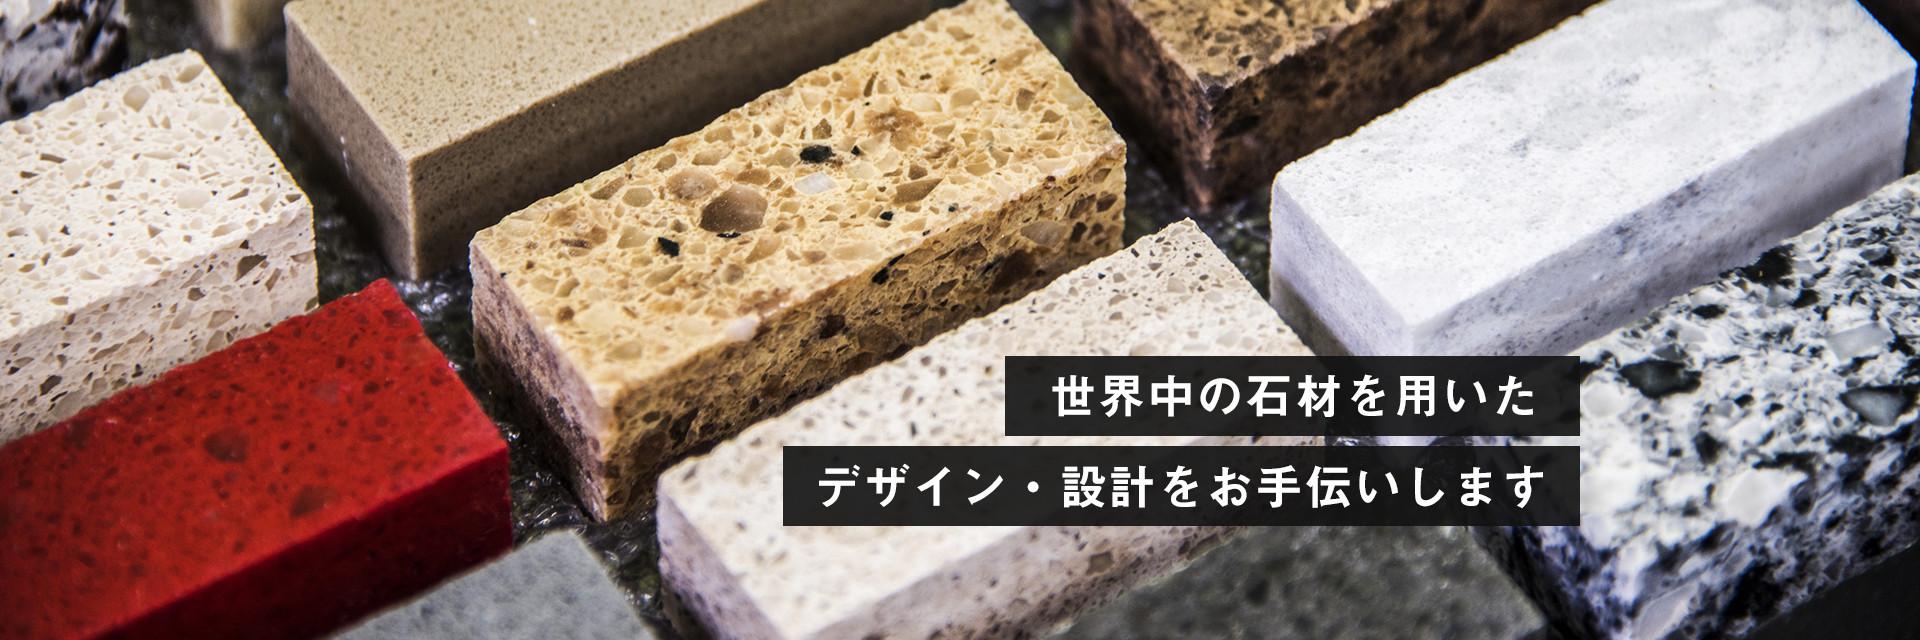 世界中の石材を用いたデザイン・設計をお手伝いします。